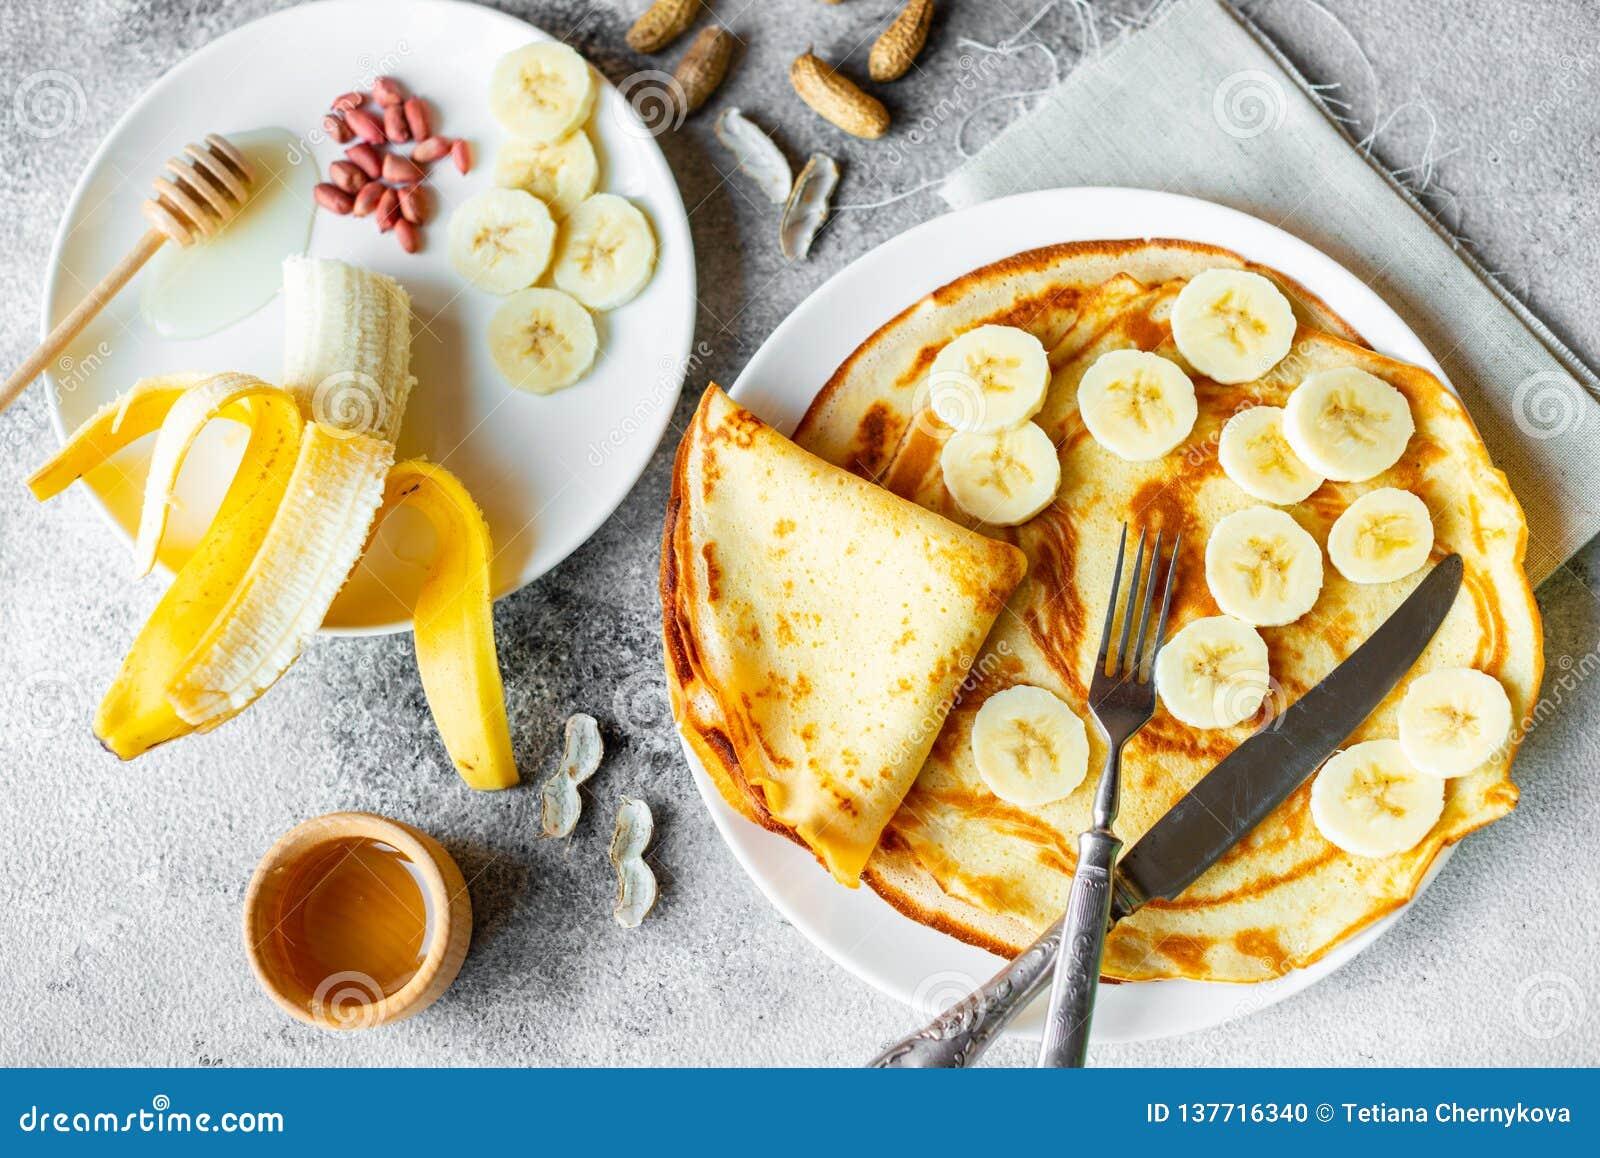 Nourriture, dessert, pâtisseries, crêpe, tarte Belles crêpes savoureuses avec la banane et le miel